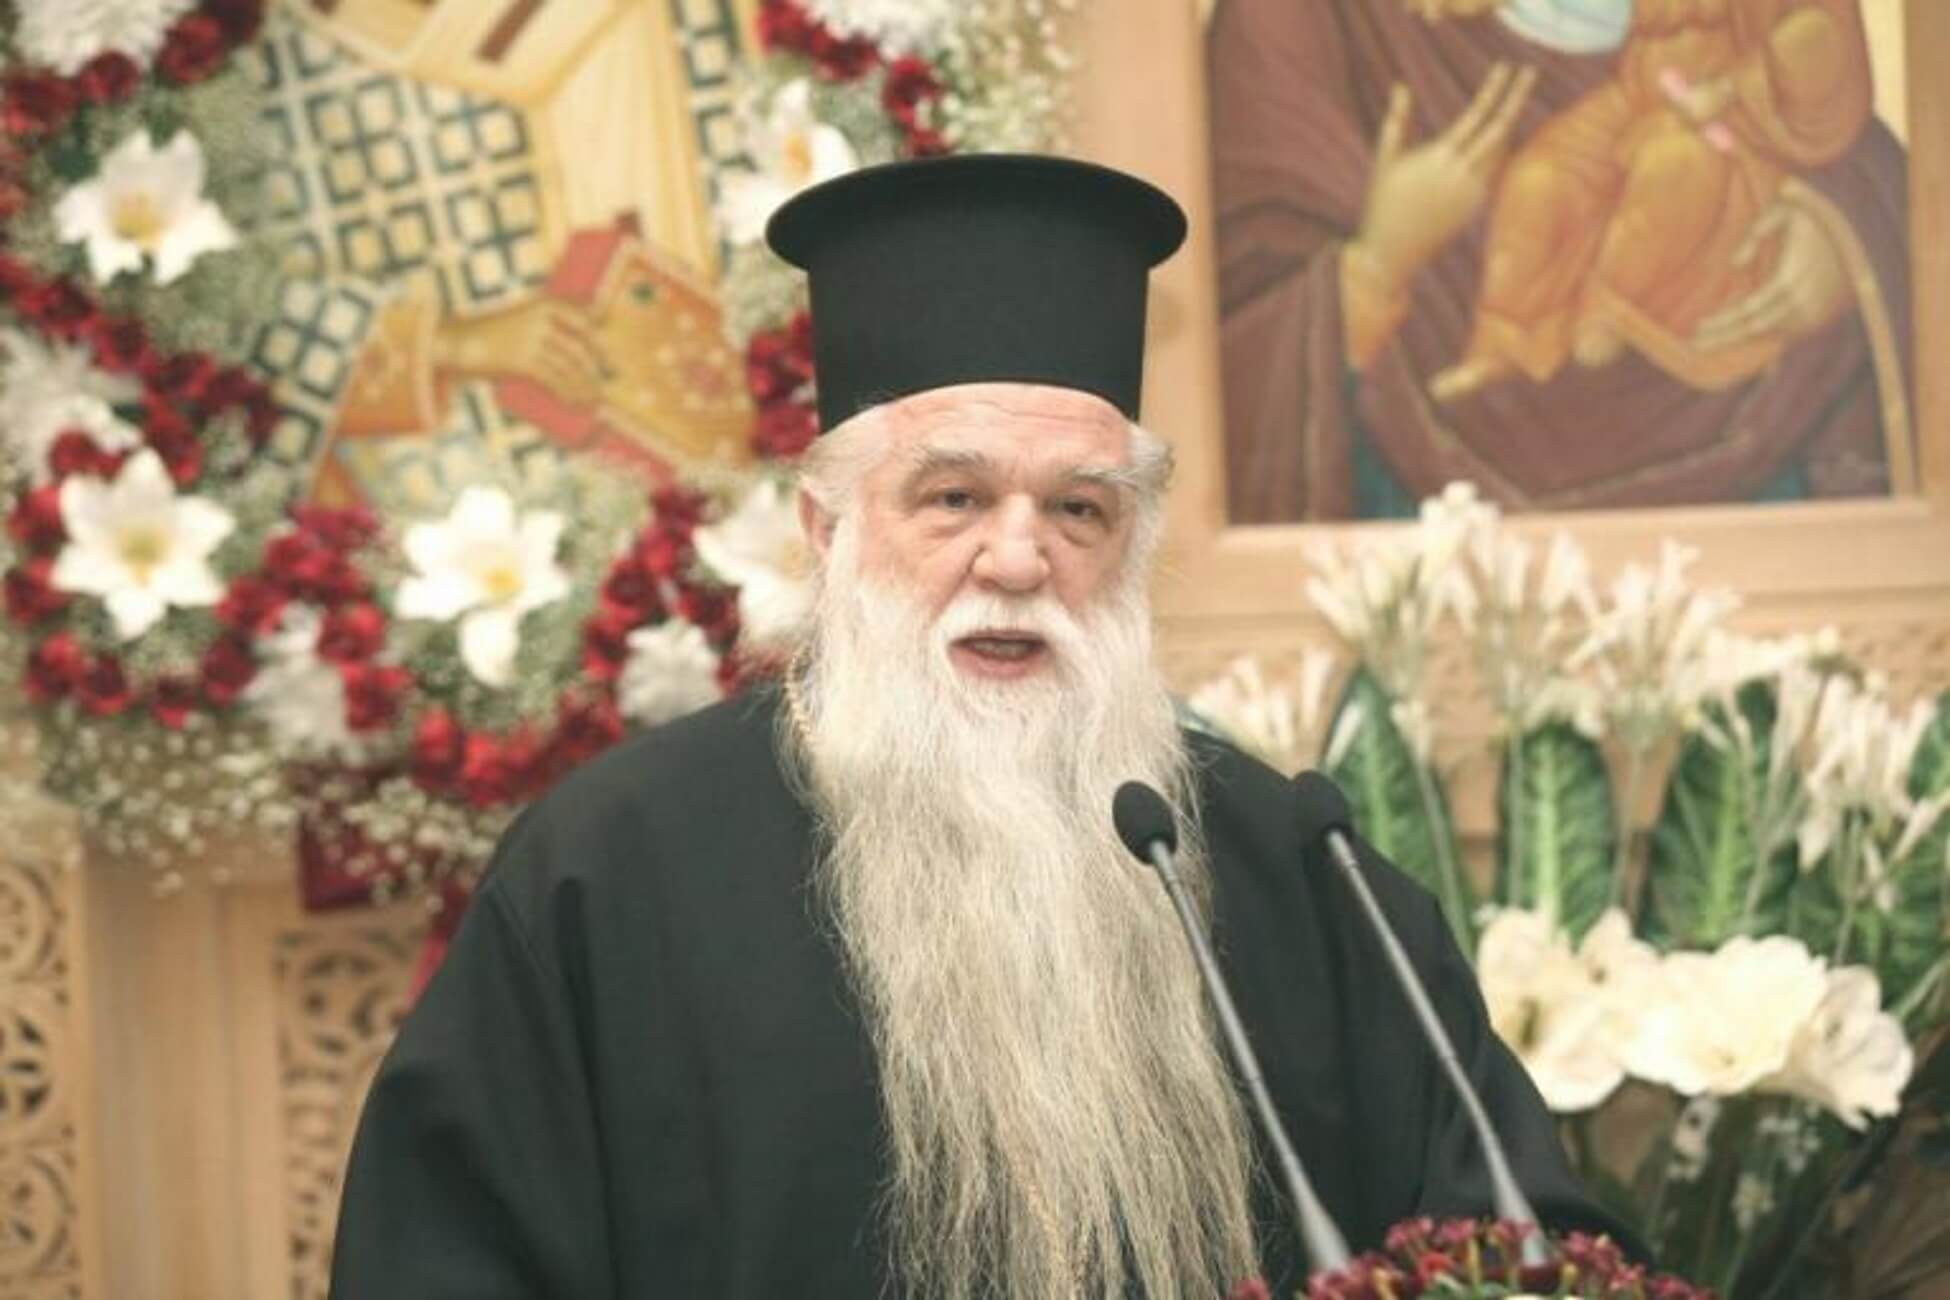 Ασπίδα στον Κουρουμπλή ο Αμβρόσιος - «Θα τον στηρίξουν οι άνθρωποι της εκκλησίας - Ψυχορραγούν στον ΣΥΡΙΖΑ»